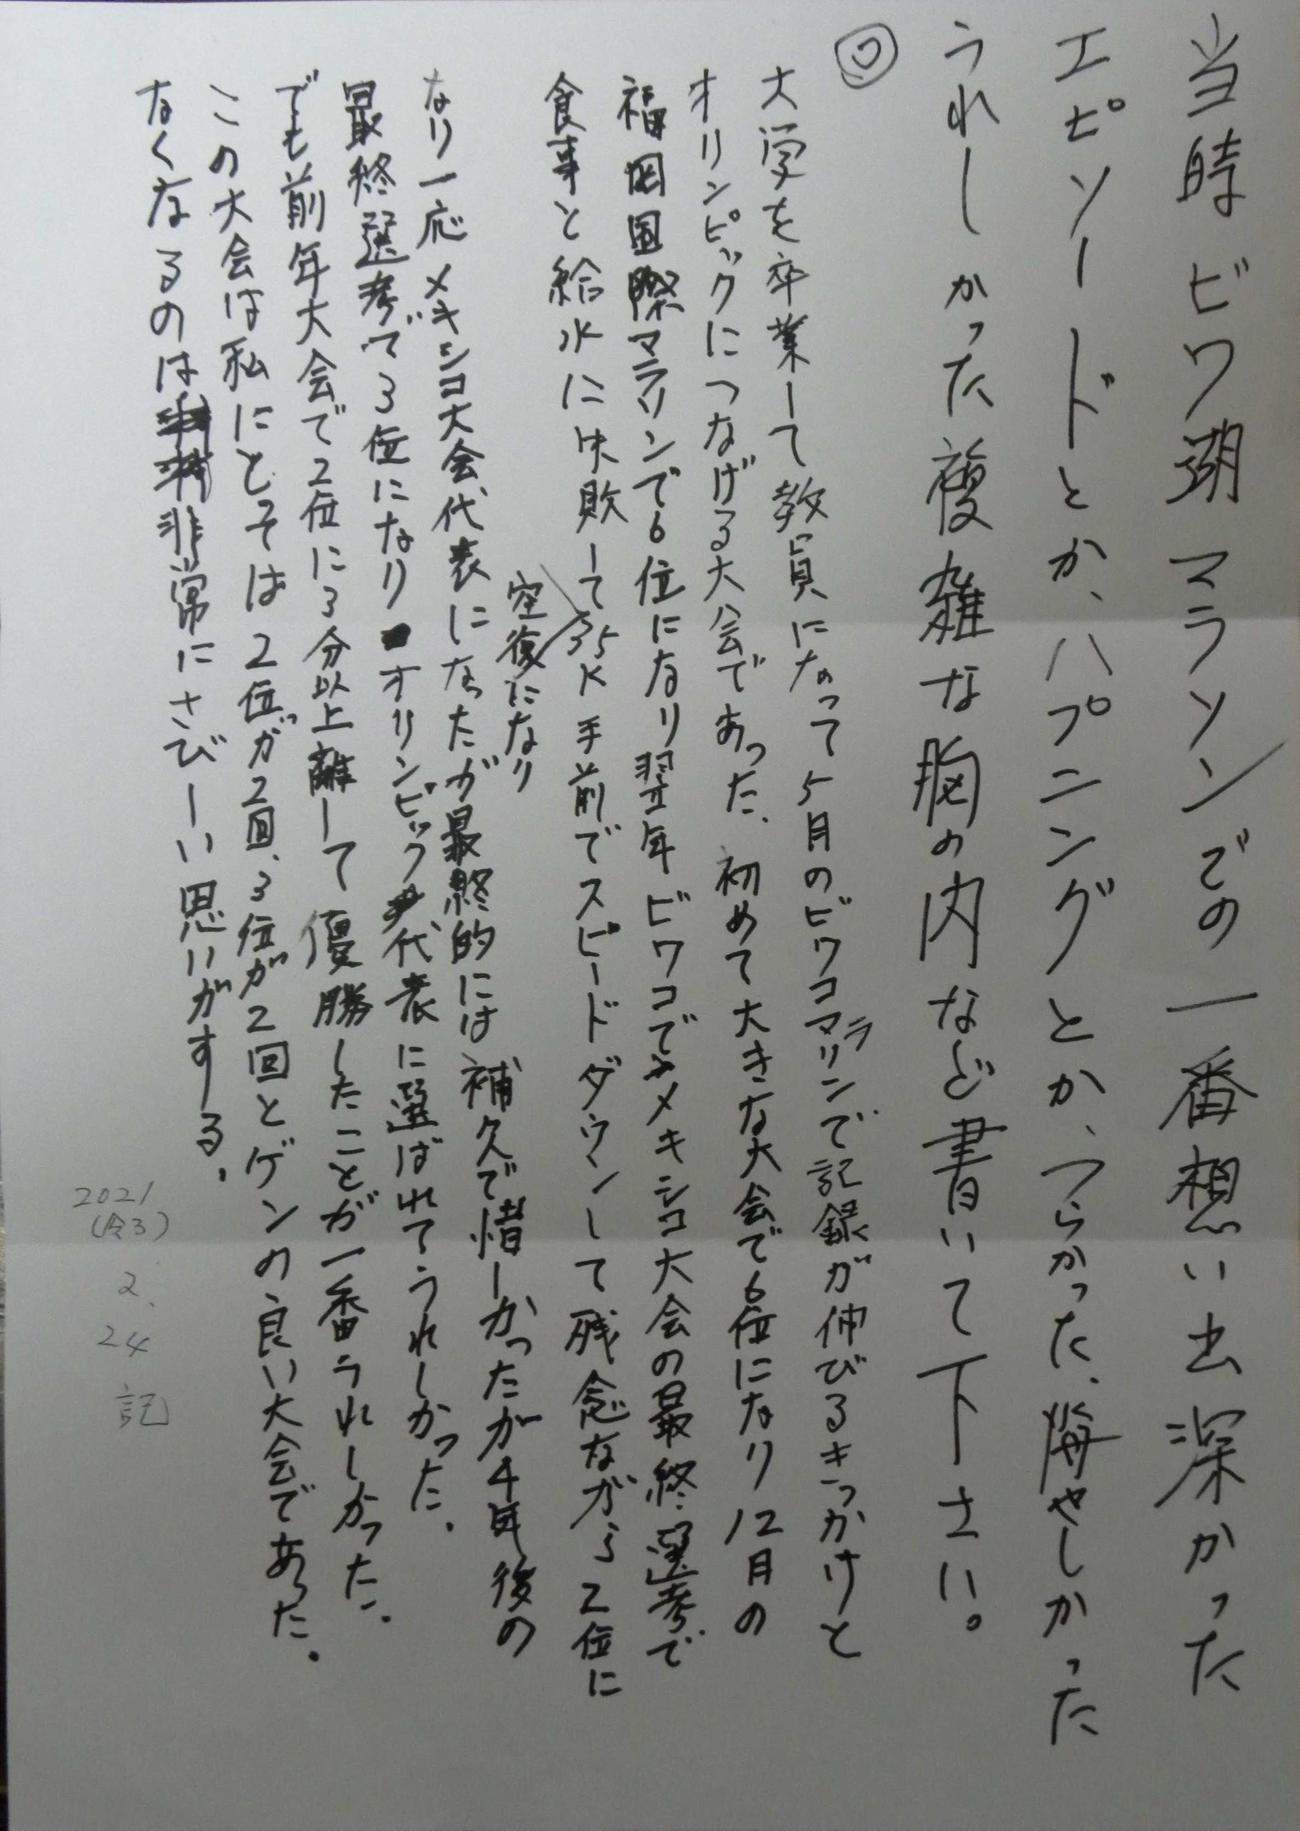 采谷義秋さんがメモに記したびわ湖毎日マラソンの思い出